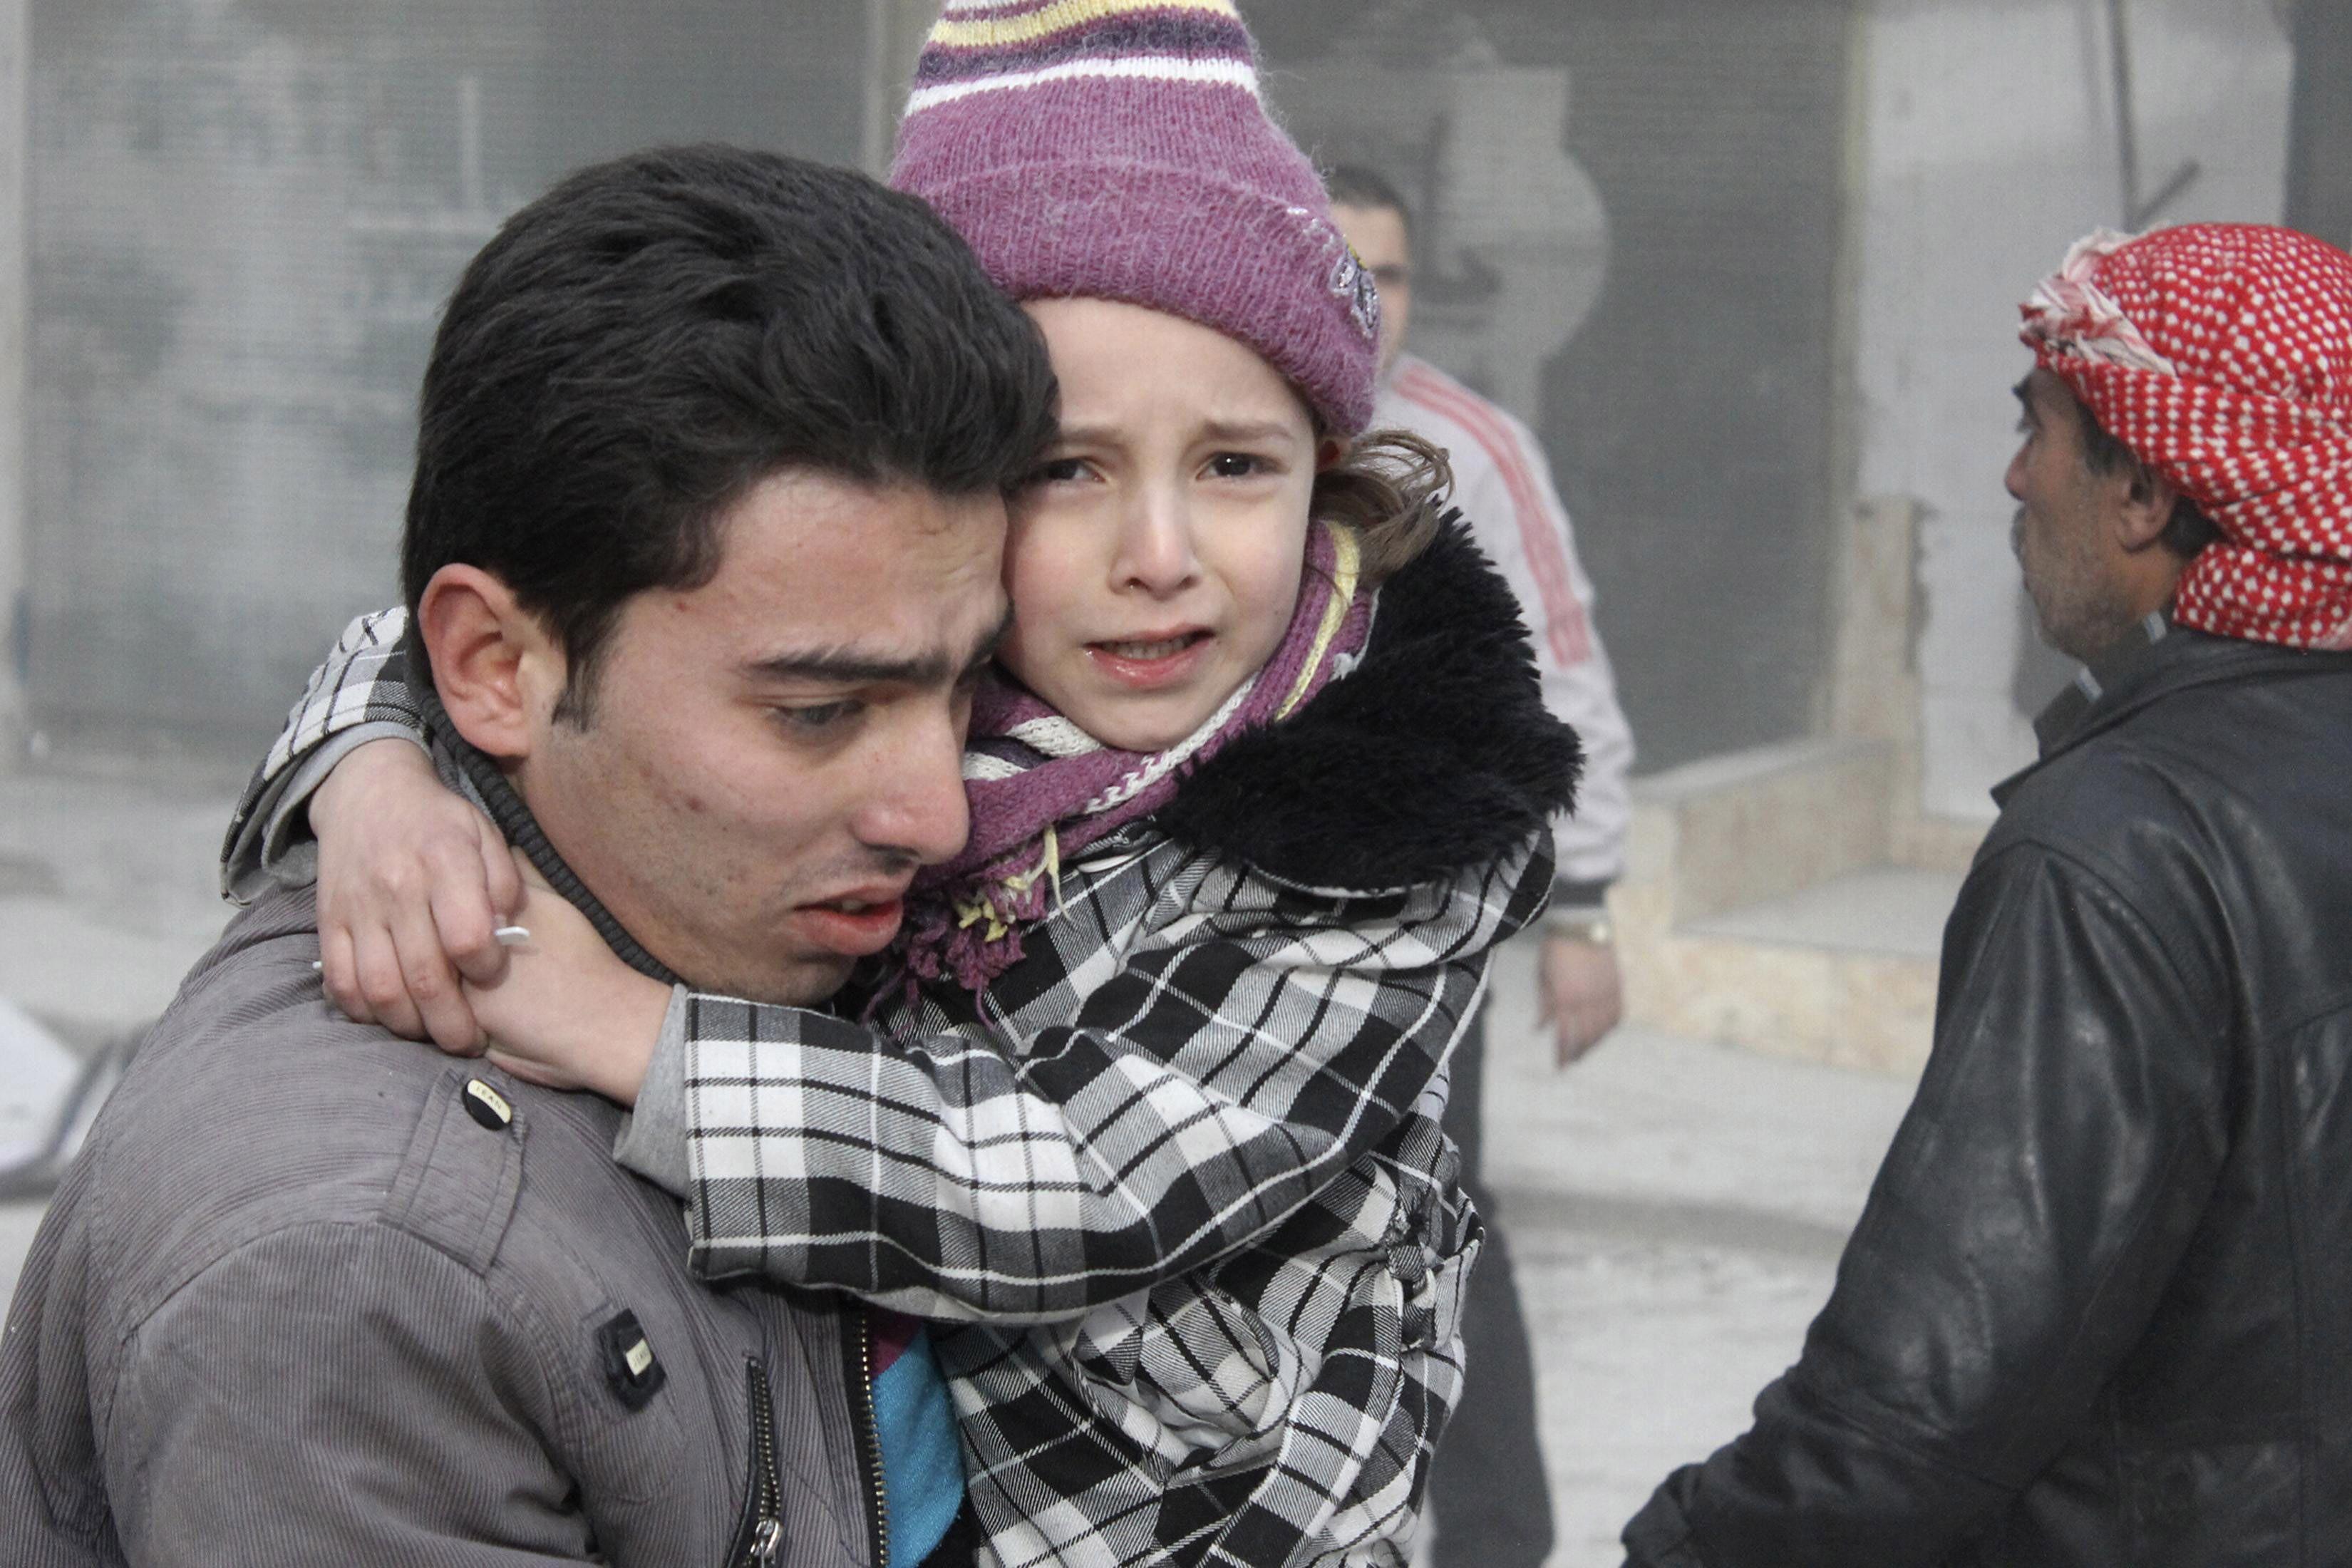 Los chicos eran evacuados ayer de un barrio de Aleppo mientras caían las bombas.